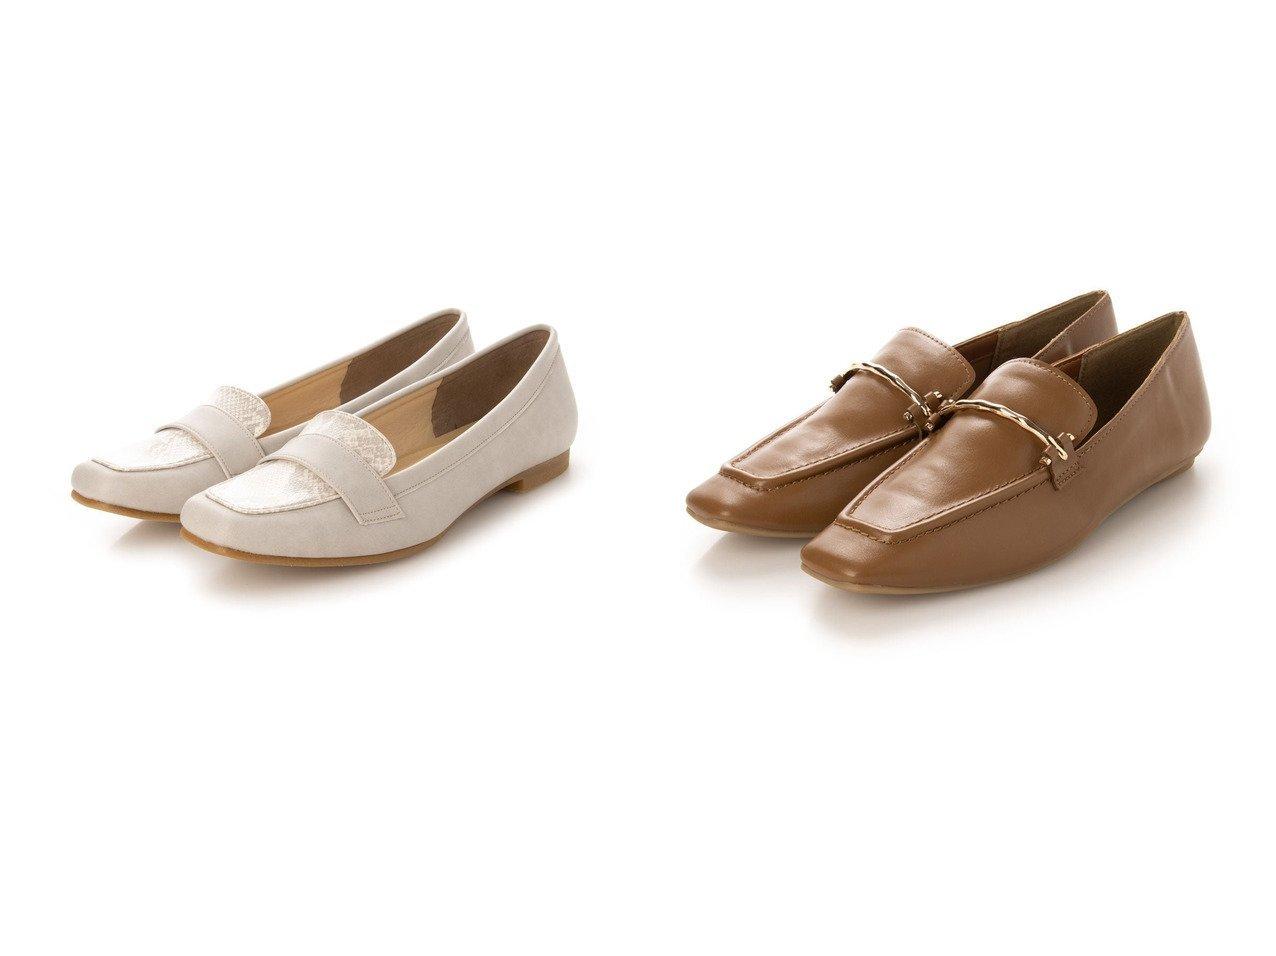 【nouer/ヌエール】のPECHINCHAR スクエアトゥソフトローファー&【Amitie/アミティエ】のスクエアトゥローファー おすすめ!人気、トレンド・レディースファッションの通販 おすすめで人気の流行・トレンド、ファッションの通販商品 インテリア・家具・メンズファッション・キッズファッション・レディースファッション・服の通販 founy(ファニー) https://founy.com/ ファッション Fashion レディースファッション WOMEN クロコ タイツ パイソン 2021年 2021 2021-2022秋冬・A/W AW・Autumn/Winter・FW・Fall-Winter・2021-2022 A/W・秋冬 AW・Autumn/Winter・FW・Fall-Winter トレンド フラット  ID:crp329100000062495